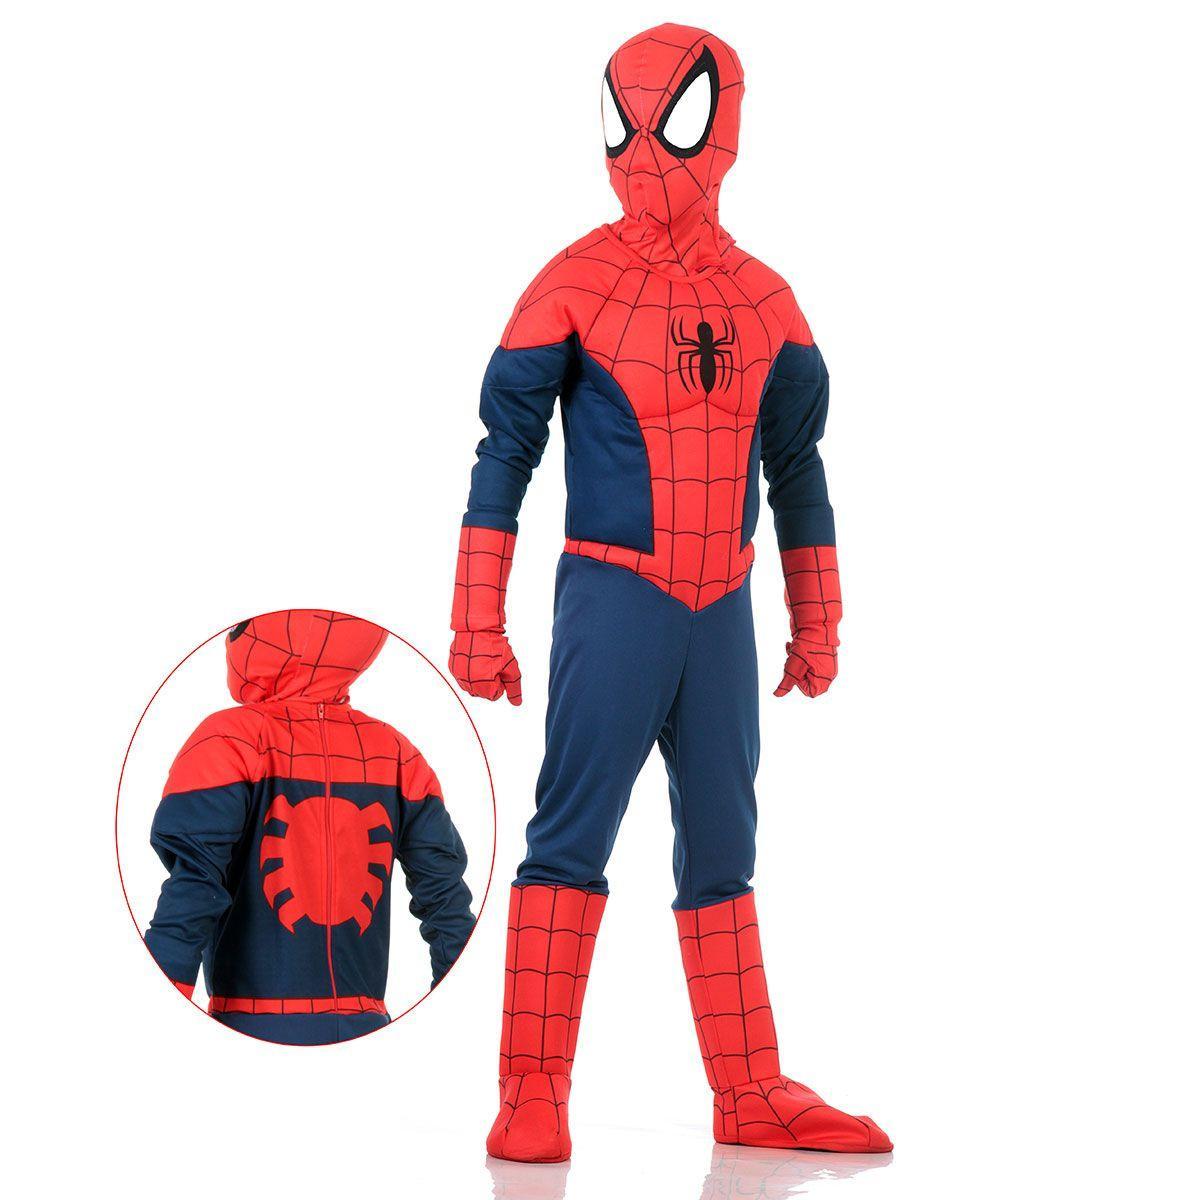 Fantasia Homem Aranha Infantil com Peitoral - Premium - Homem aranha  ultimate R  269 49e07e8581a